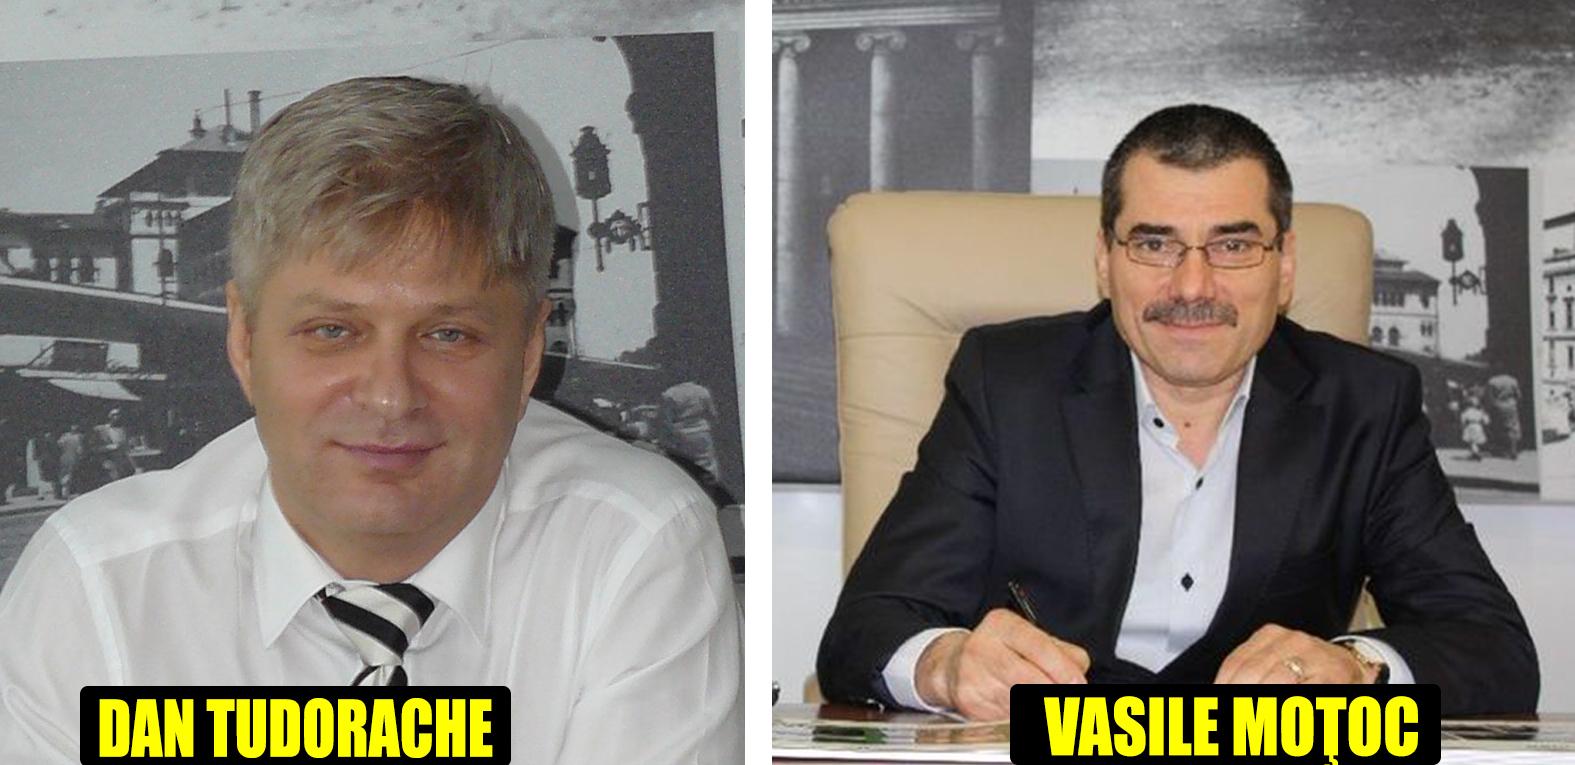 Dan Tudorache, omul PNL, oficial şef PSD sector 1, şi actualul primar interimar Vasile Moţoc au fost vedetele denunţurilor consilierilor de la Primăria Sector 1